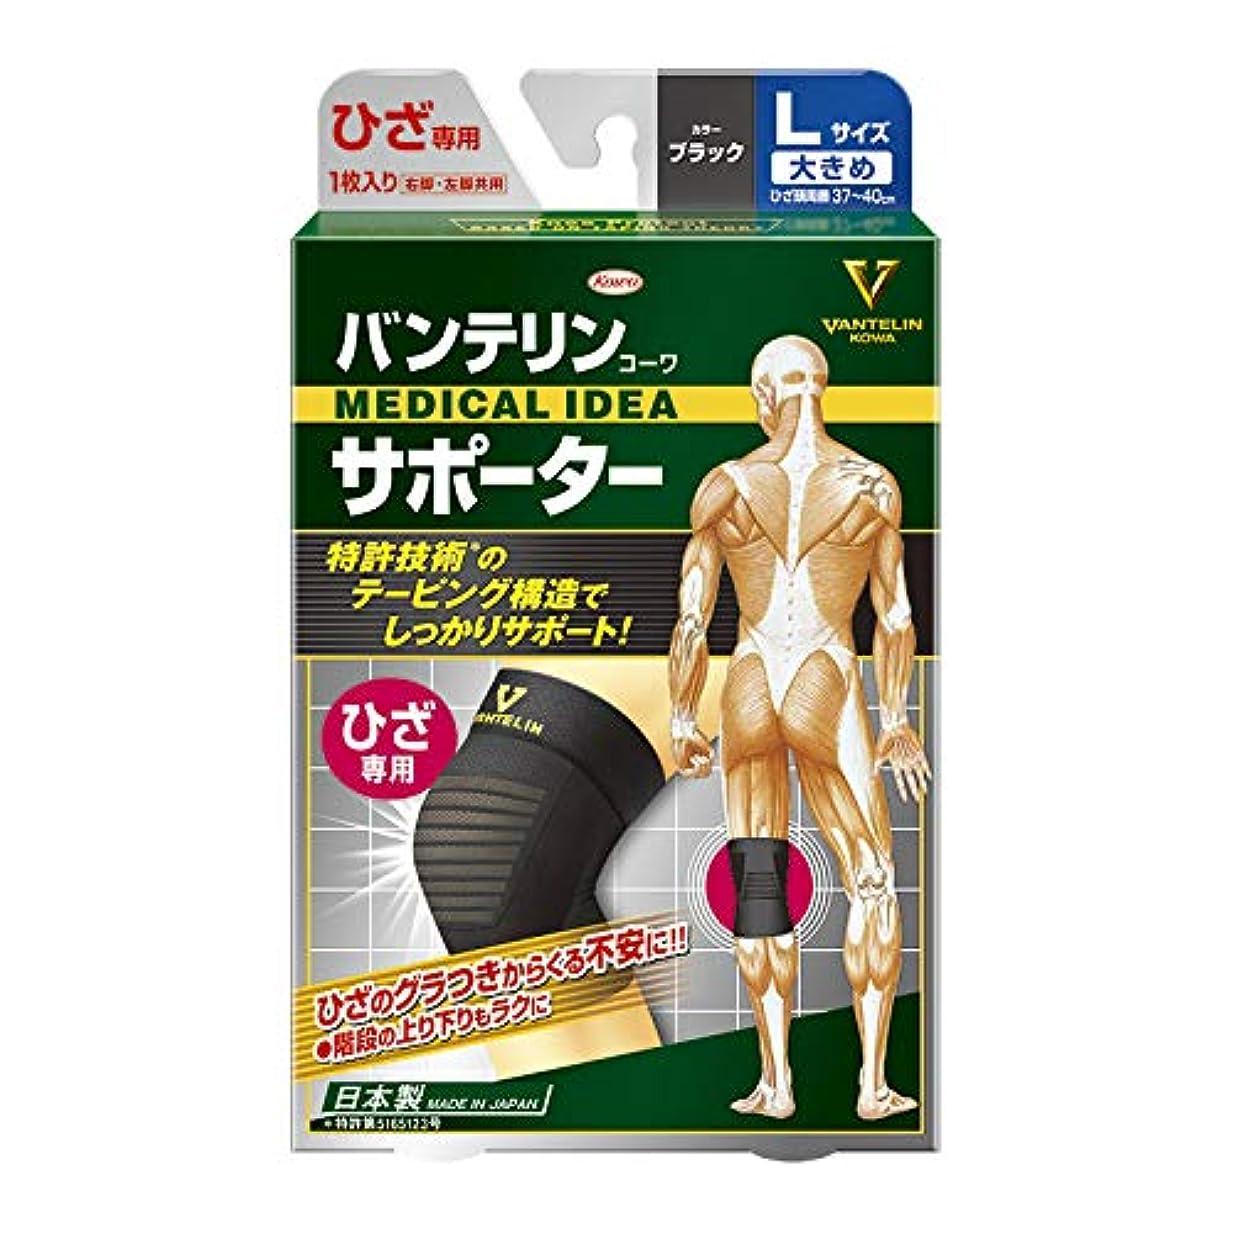 足樹木良さ興和新薬 バンテリンサポーター ひざ用 ブラック 大きめサイズ 1枚入